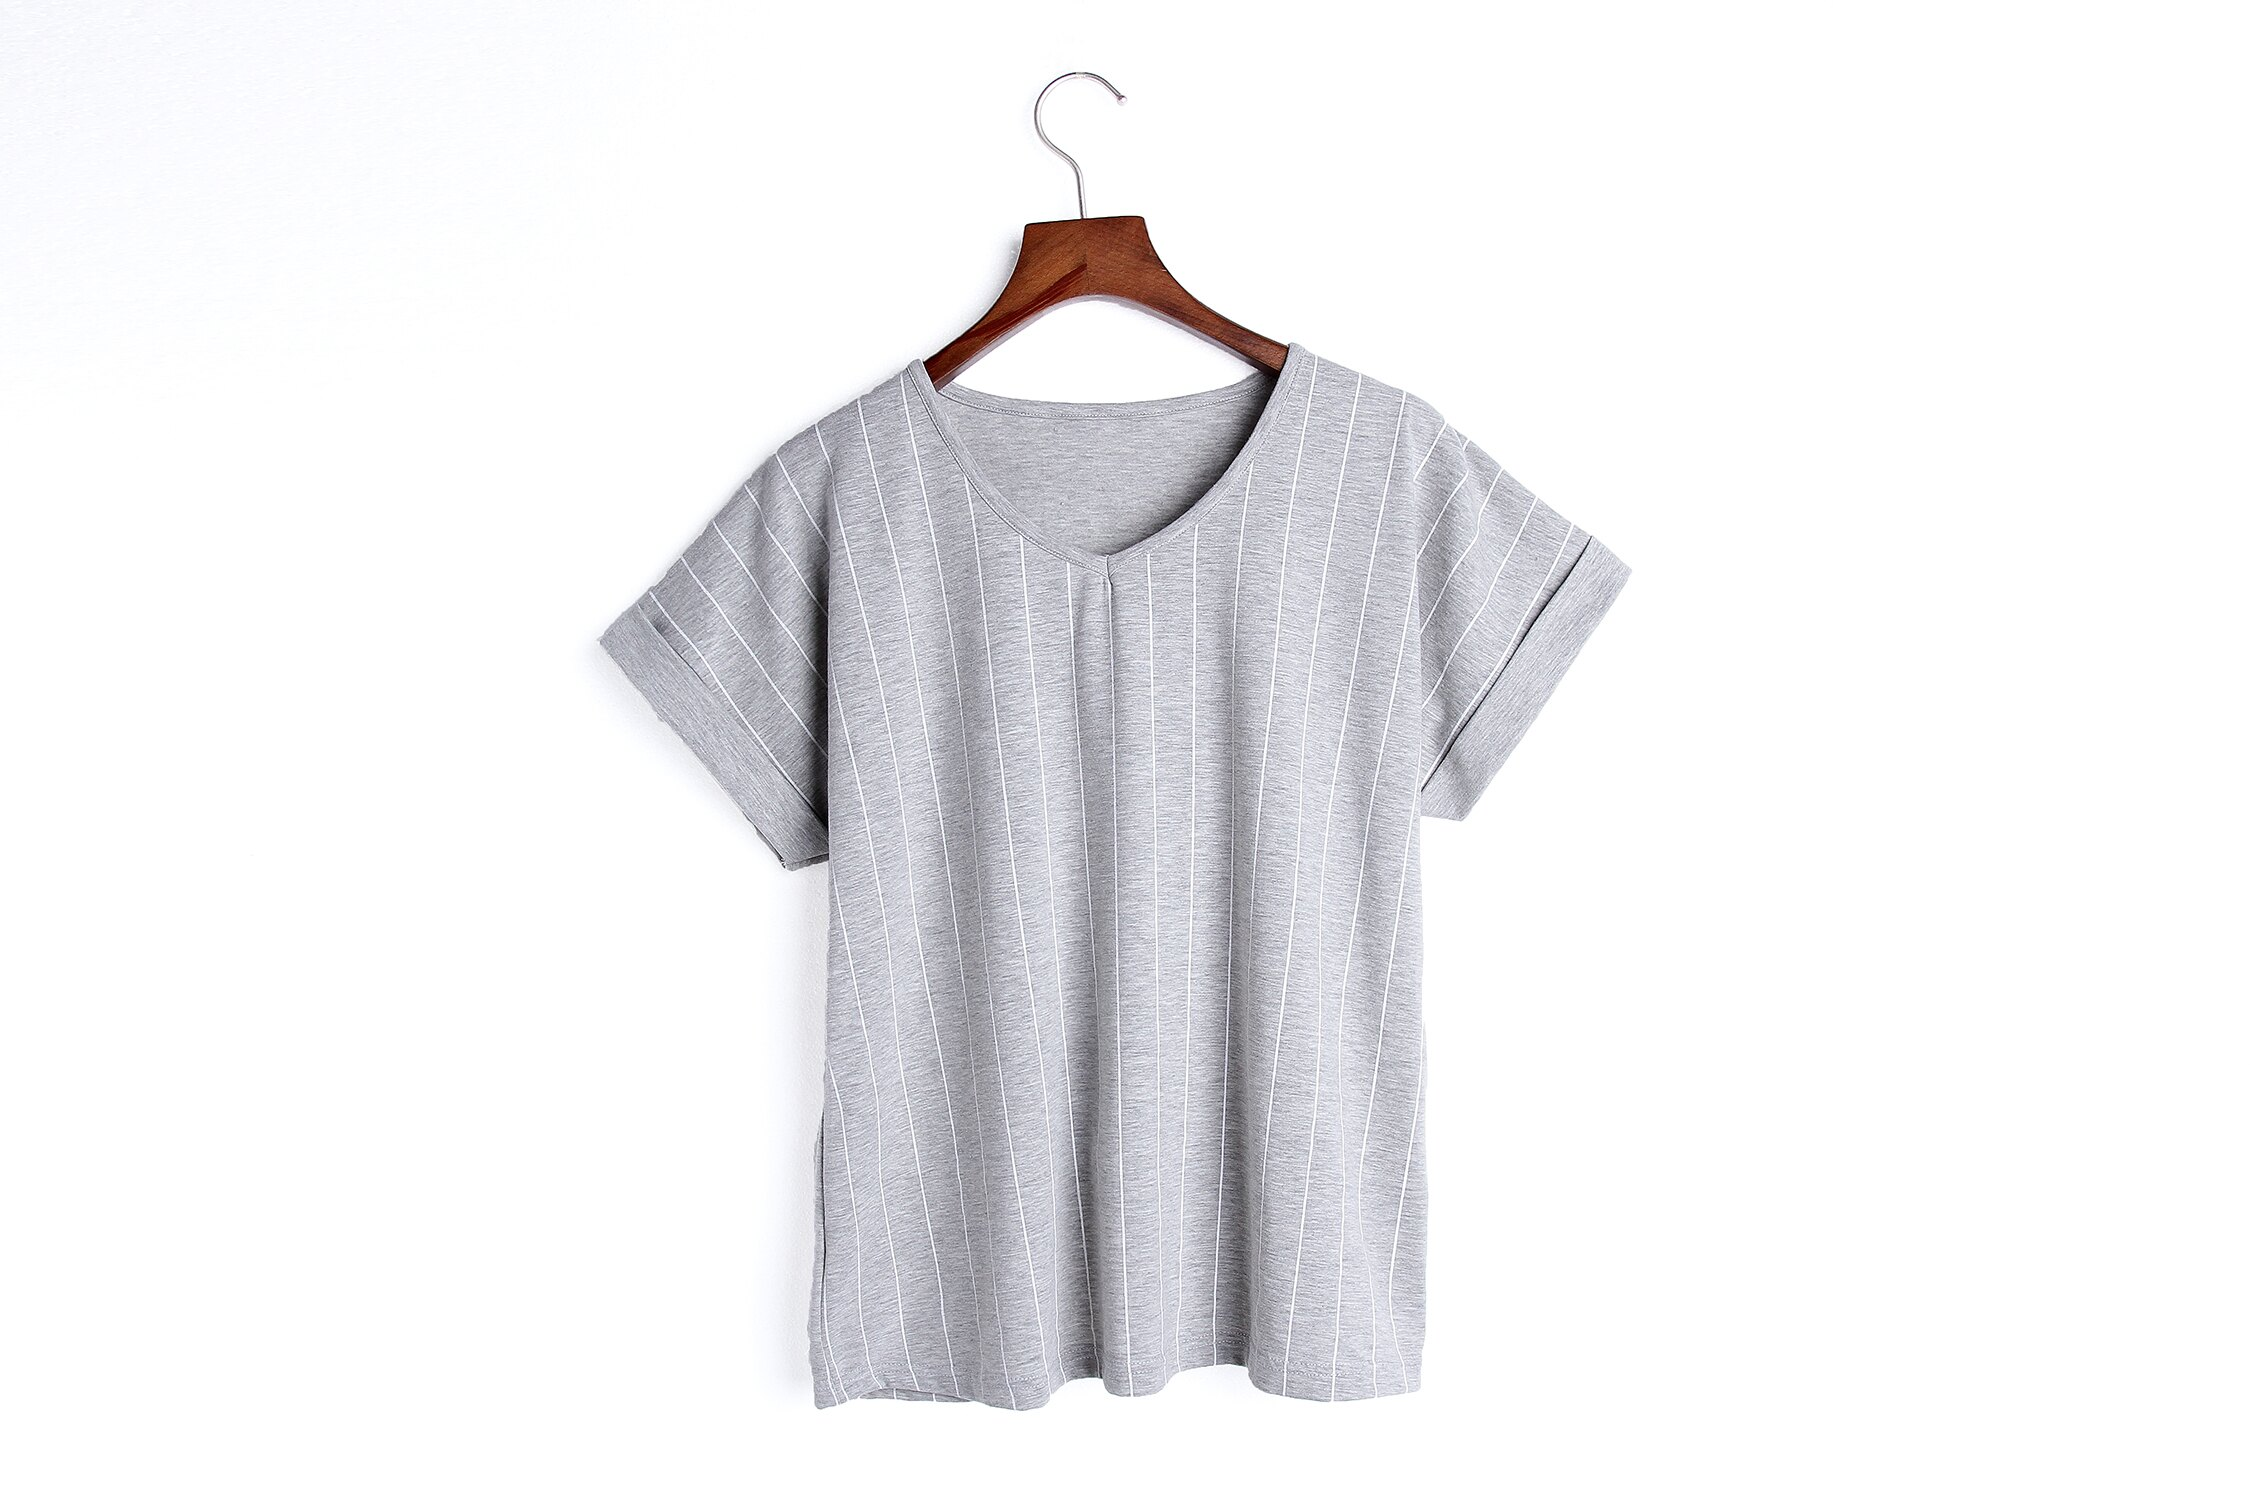 小清新流行居家服 純棉短袖短褲睡衣 直條紋家居服 休閒套裝 共兩色M-XL【漫時光】(87041L) 9